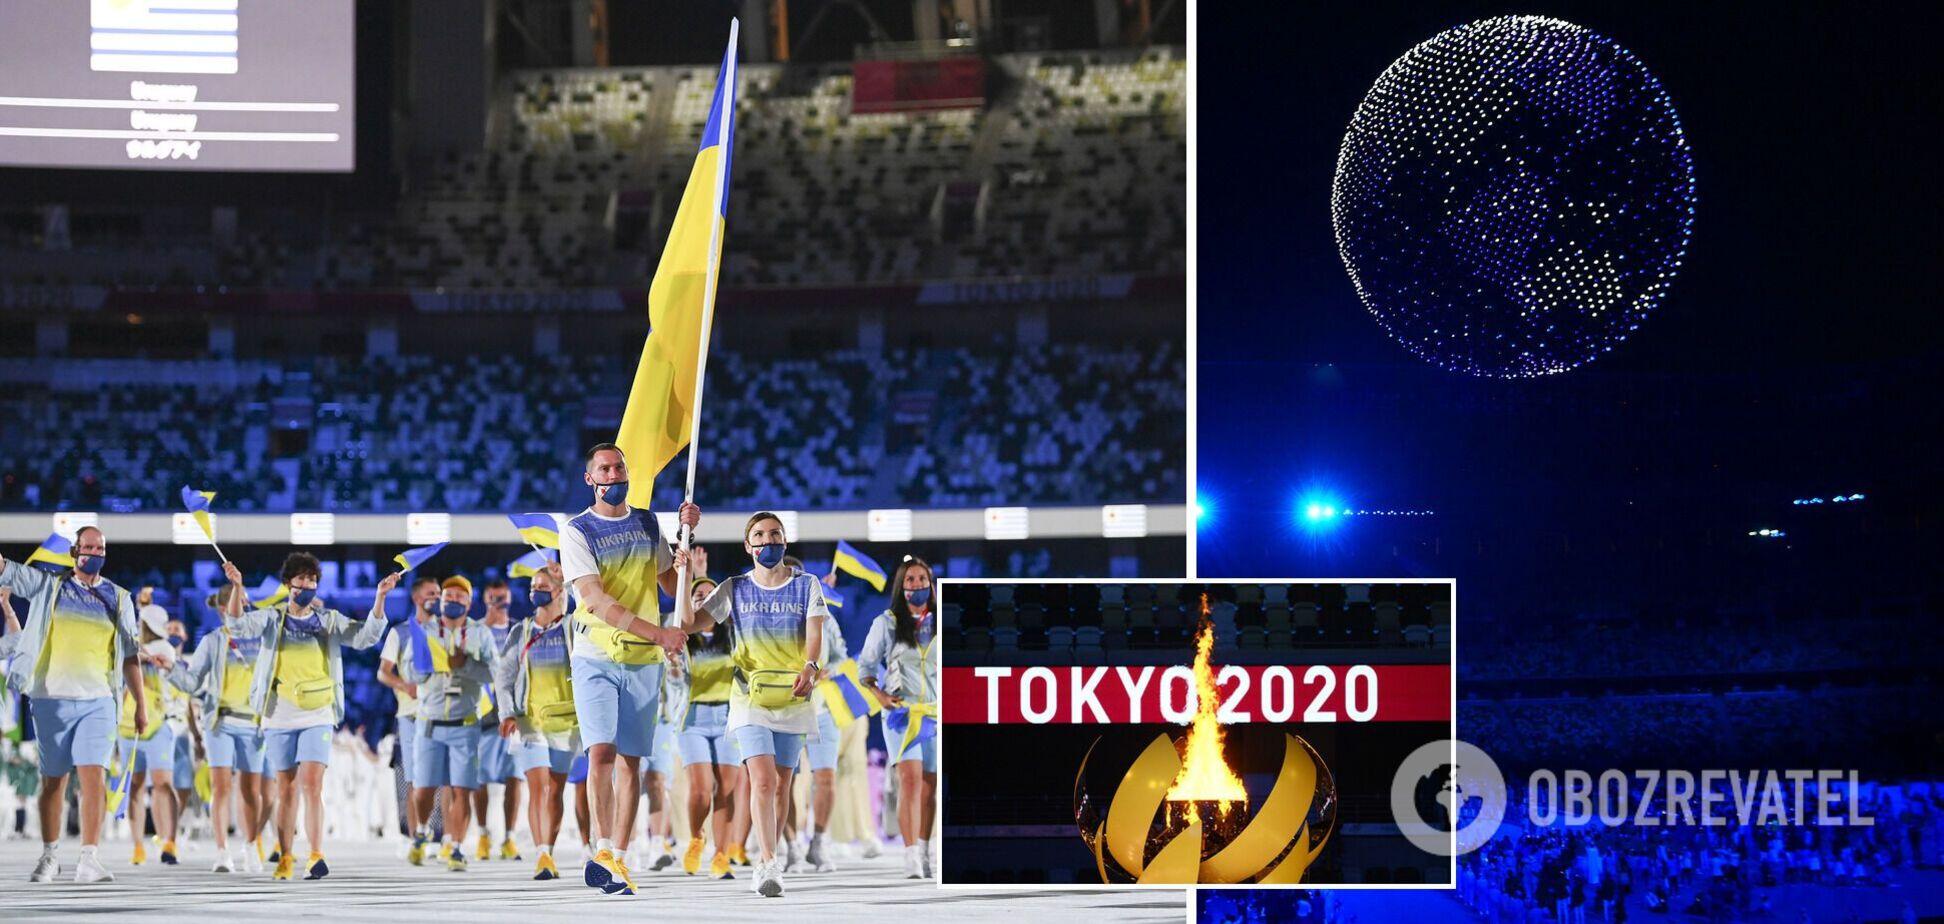 Украину не показали на росТВ, обращение Зеленского, кто зажег олимпийский огонь: как прошло открытие Игр в Токио